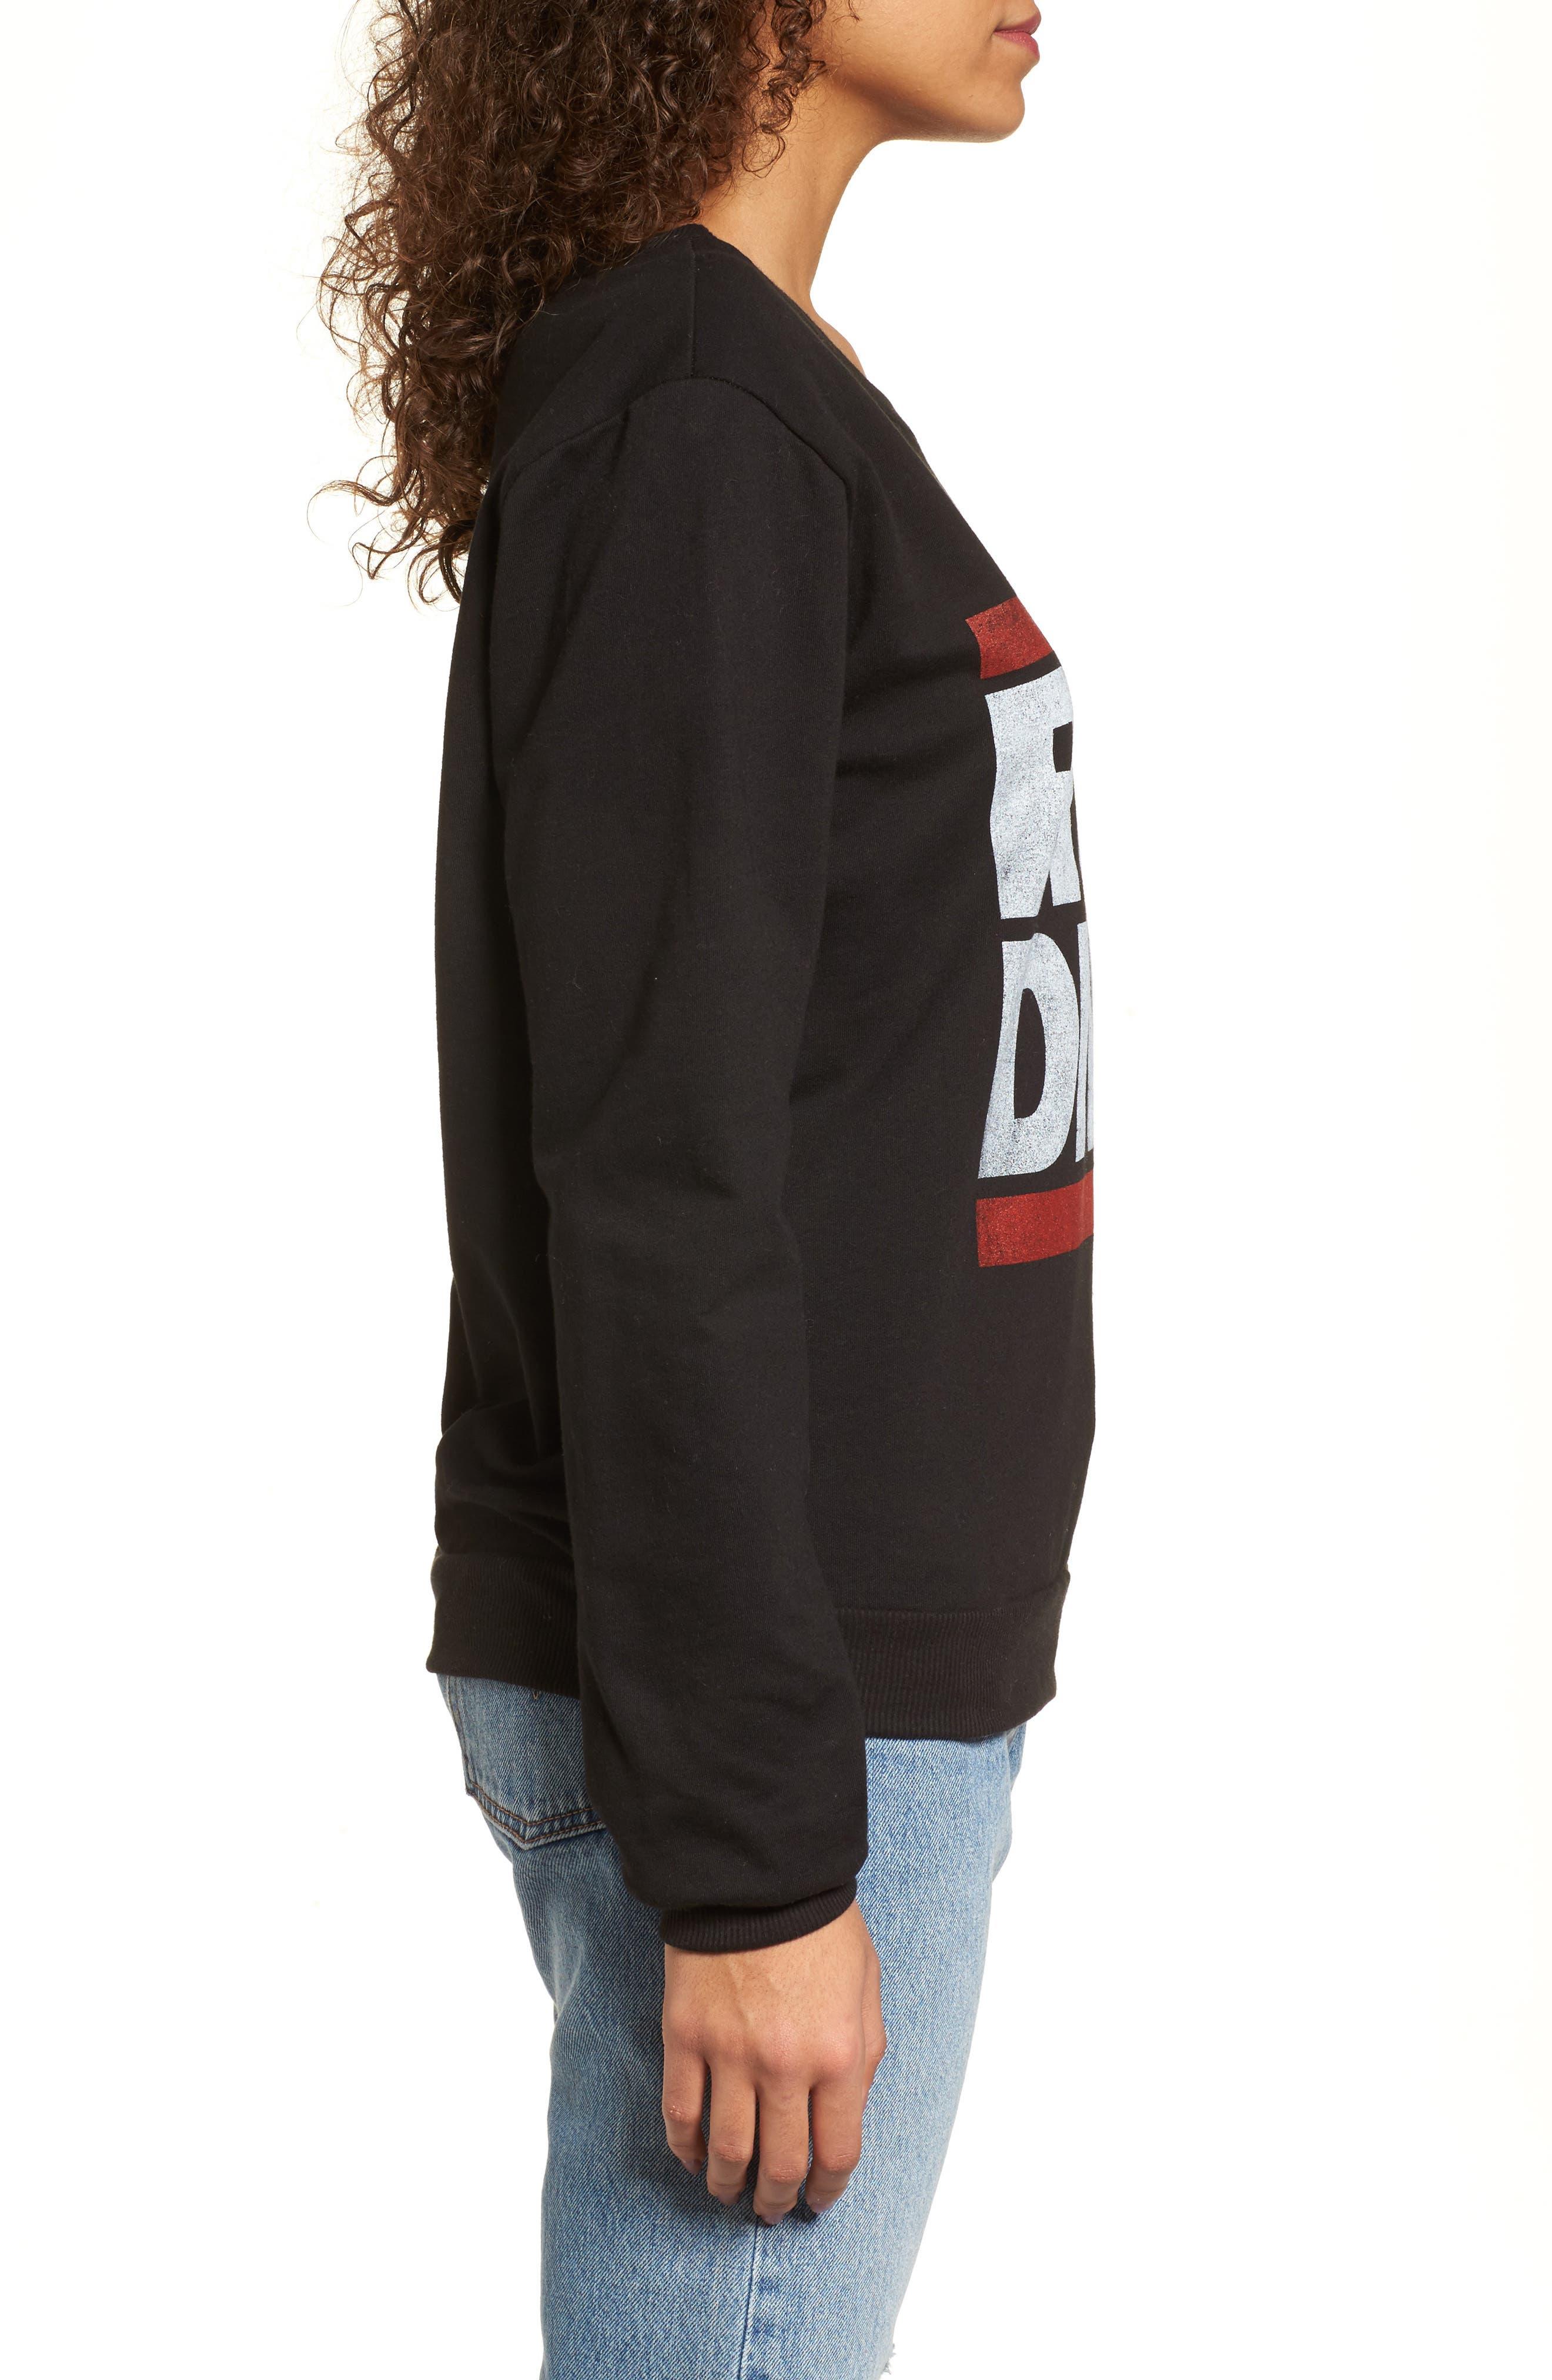 Run-DMC Sweatshirt,                             Alternate thumbnail 3, color,                             001